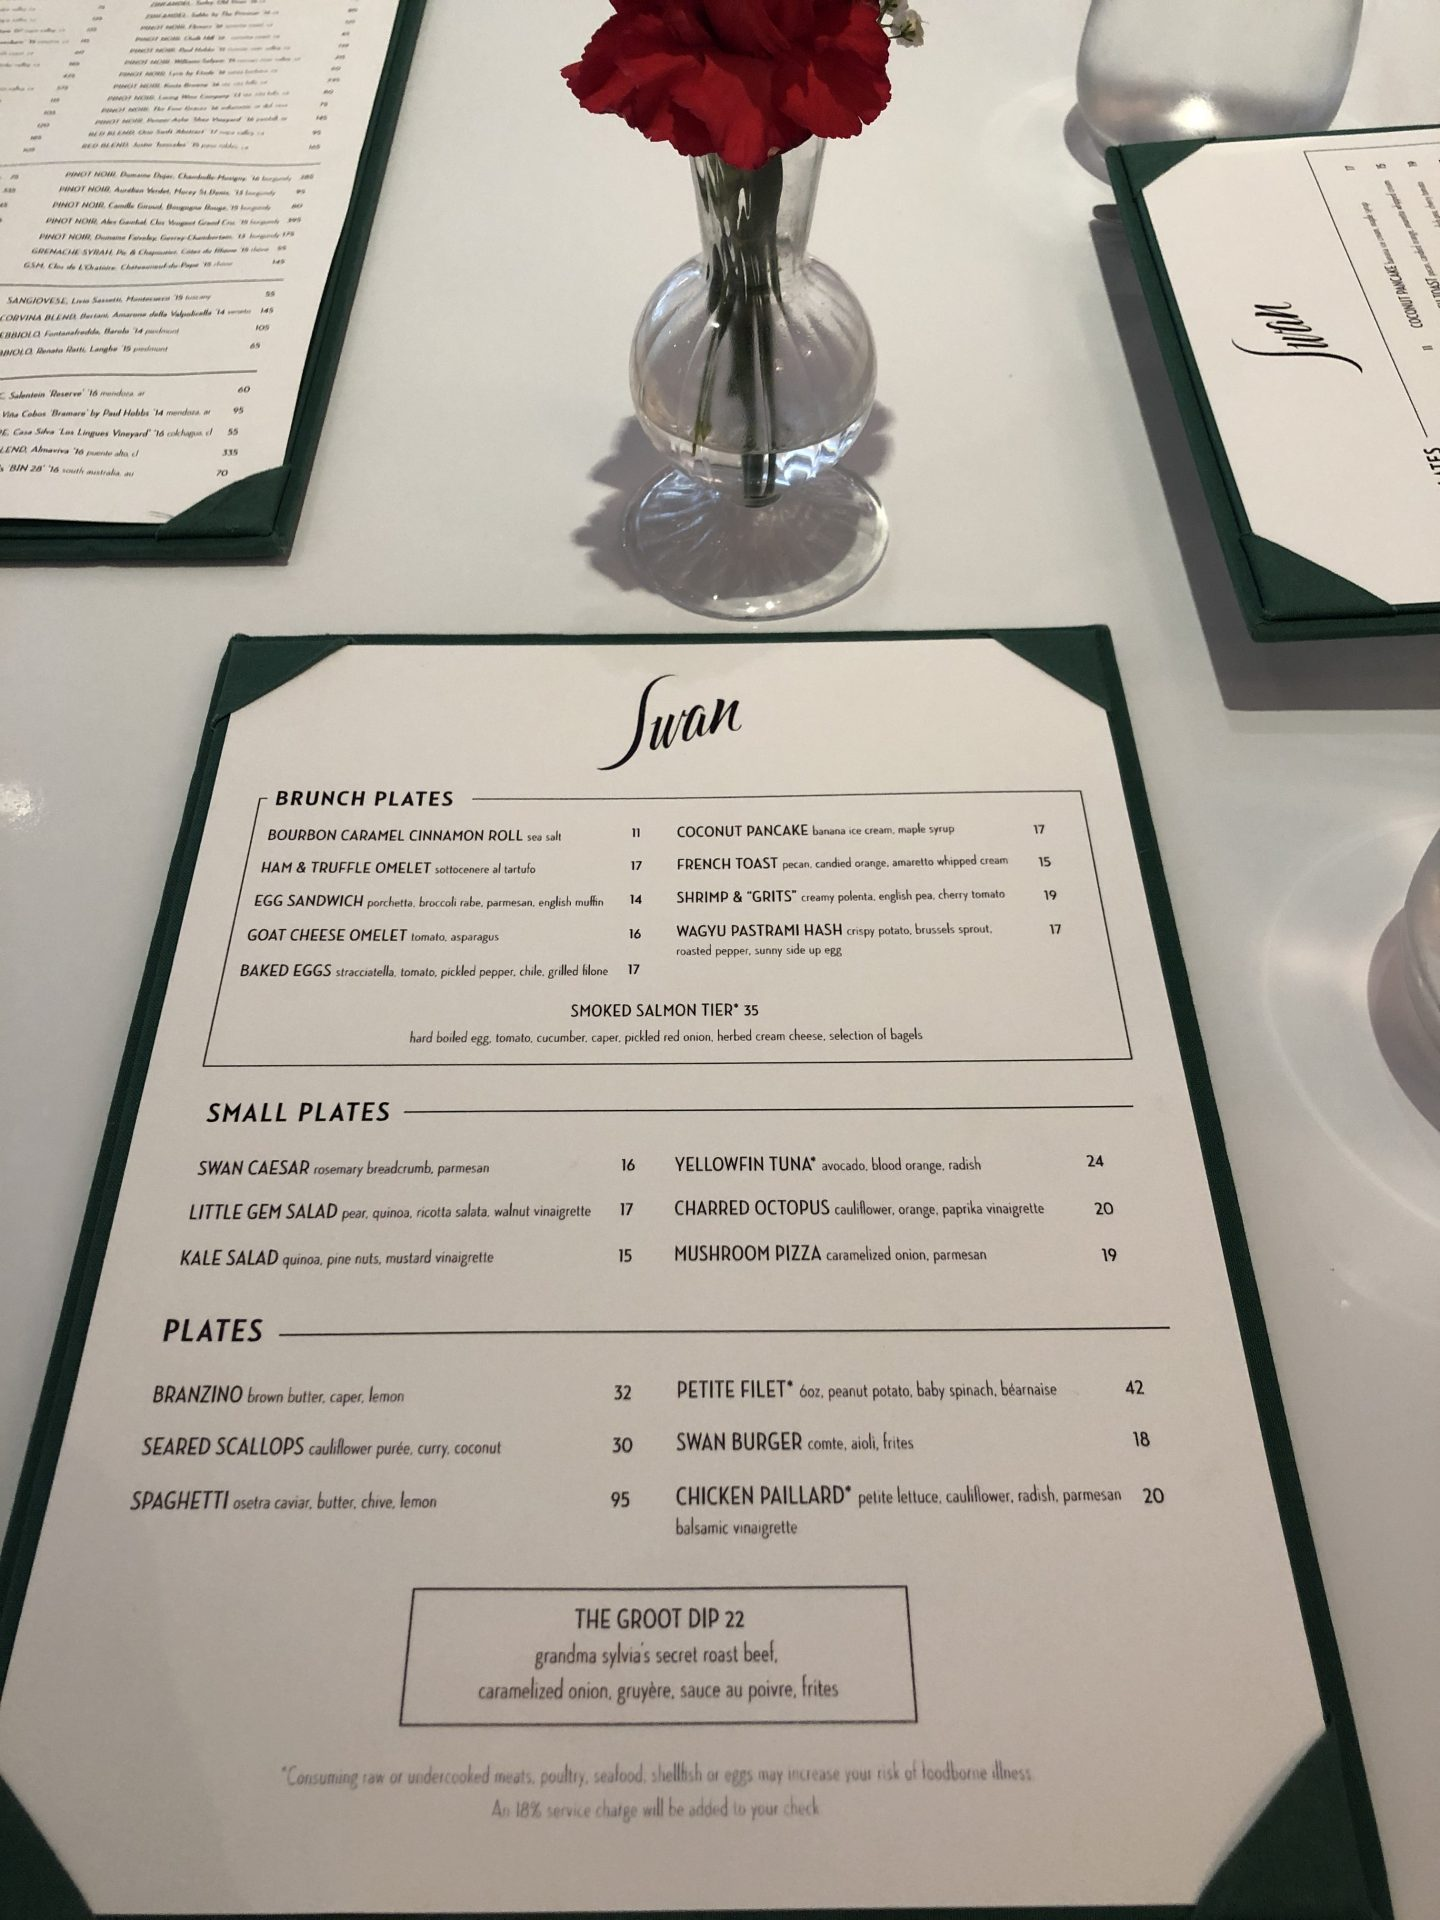 Swan miami menu